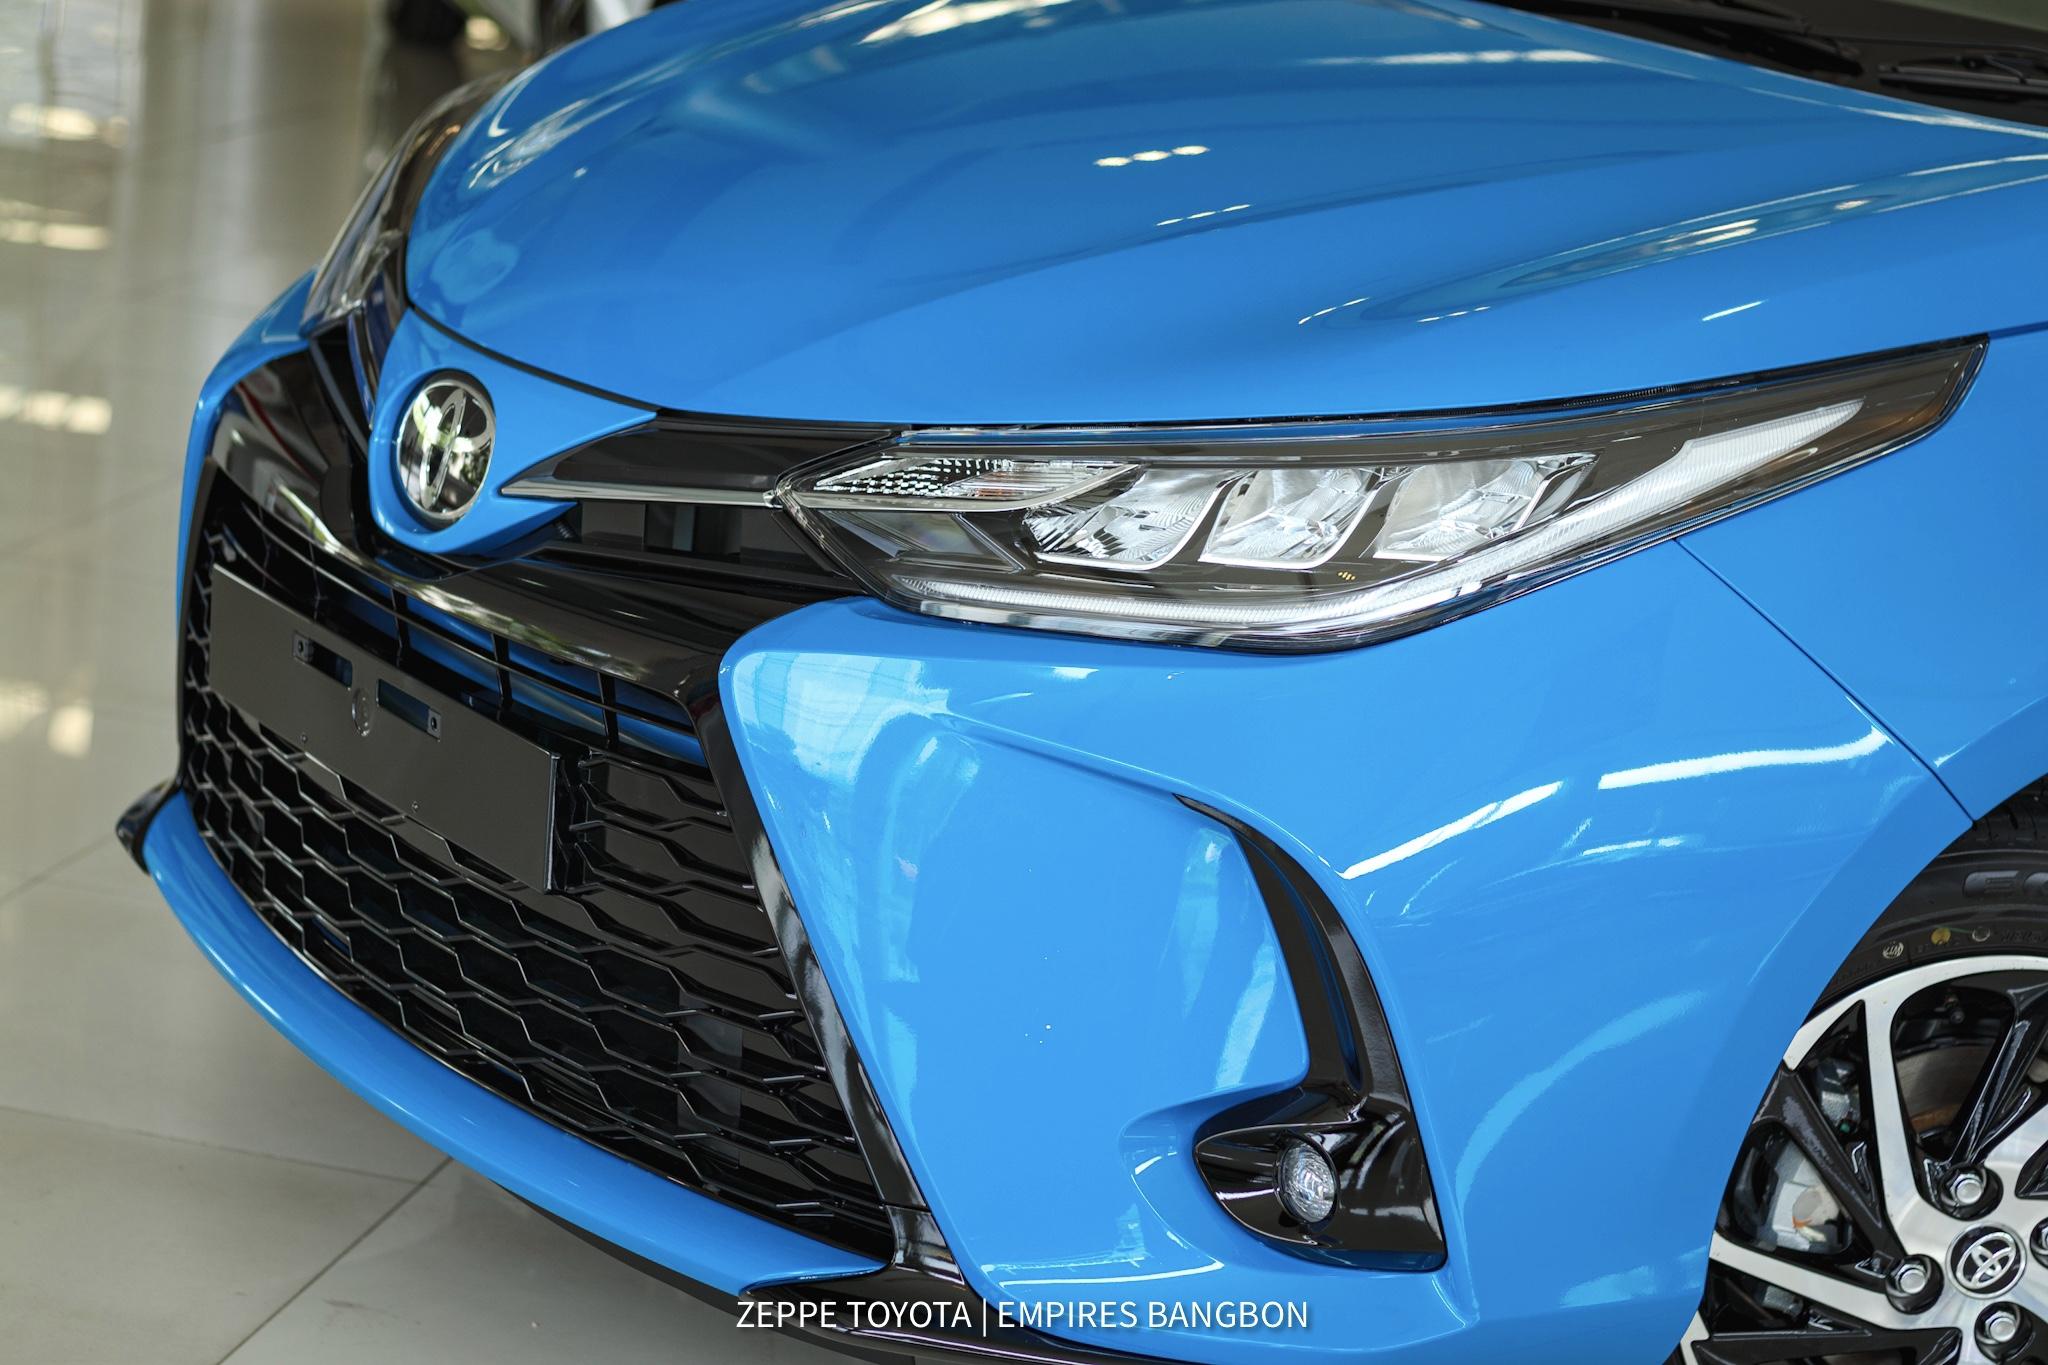 toyota-yaris-ativ-สีฟ้า-blue